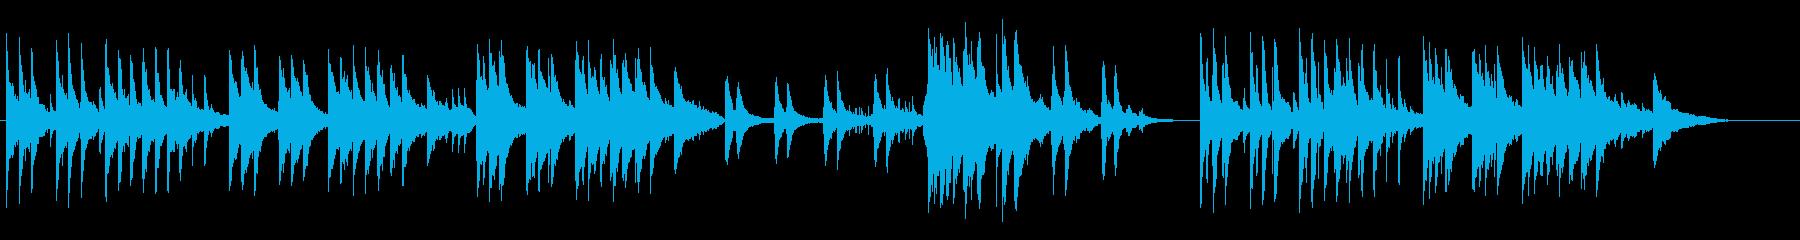 センチメンタルなピアノ+ダルシマーの再生済みの波形